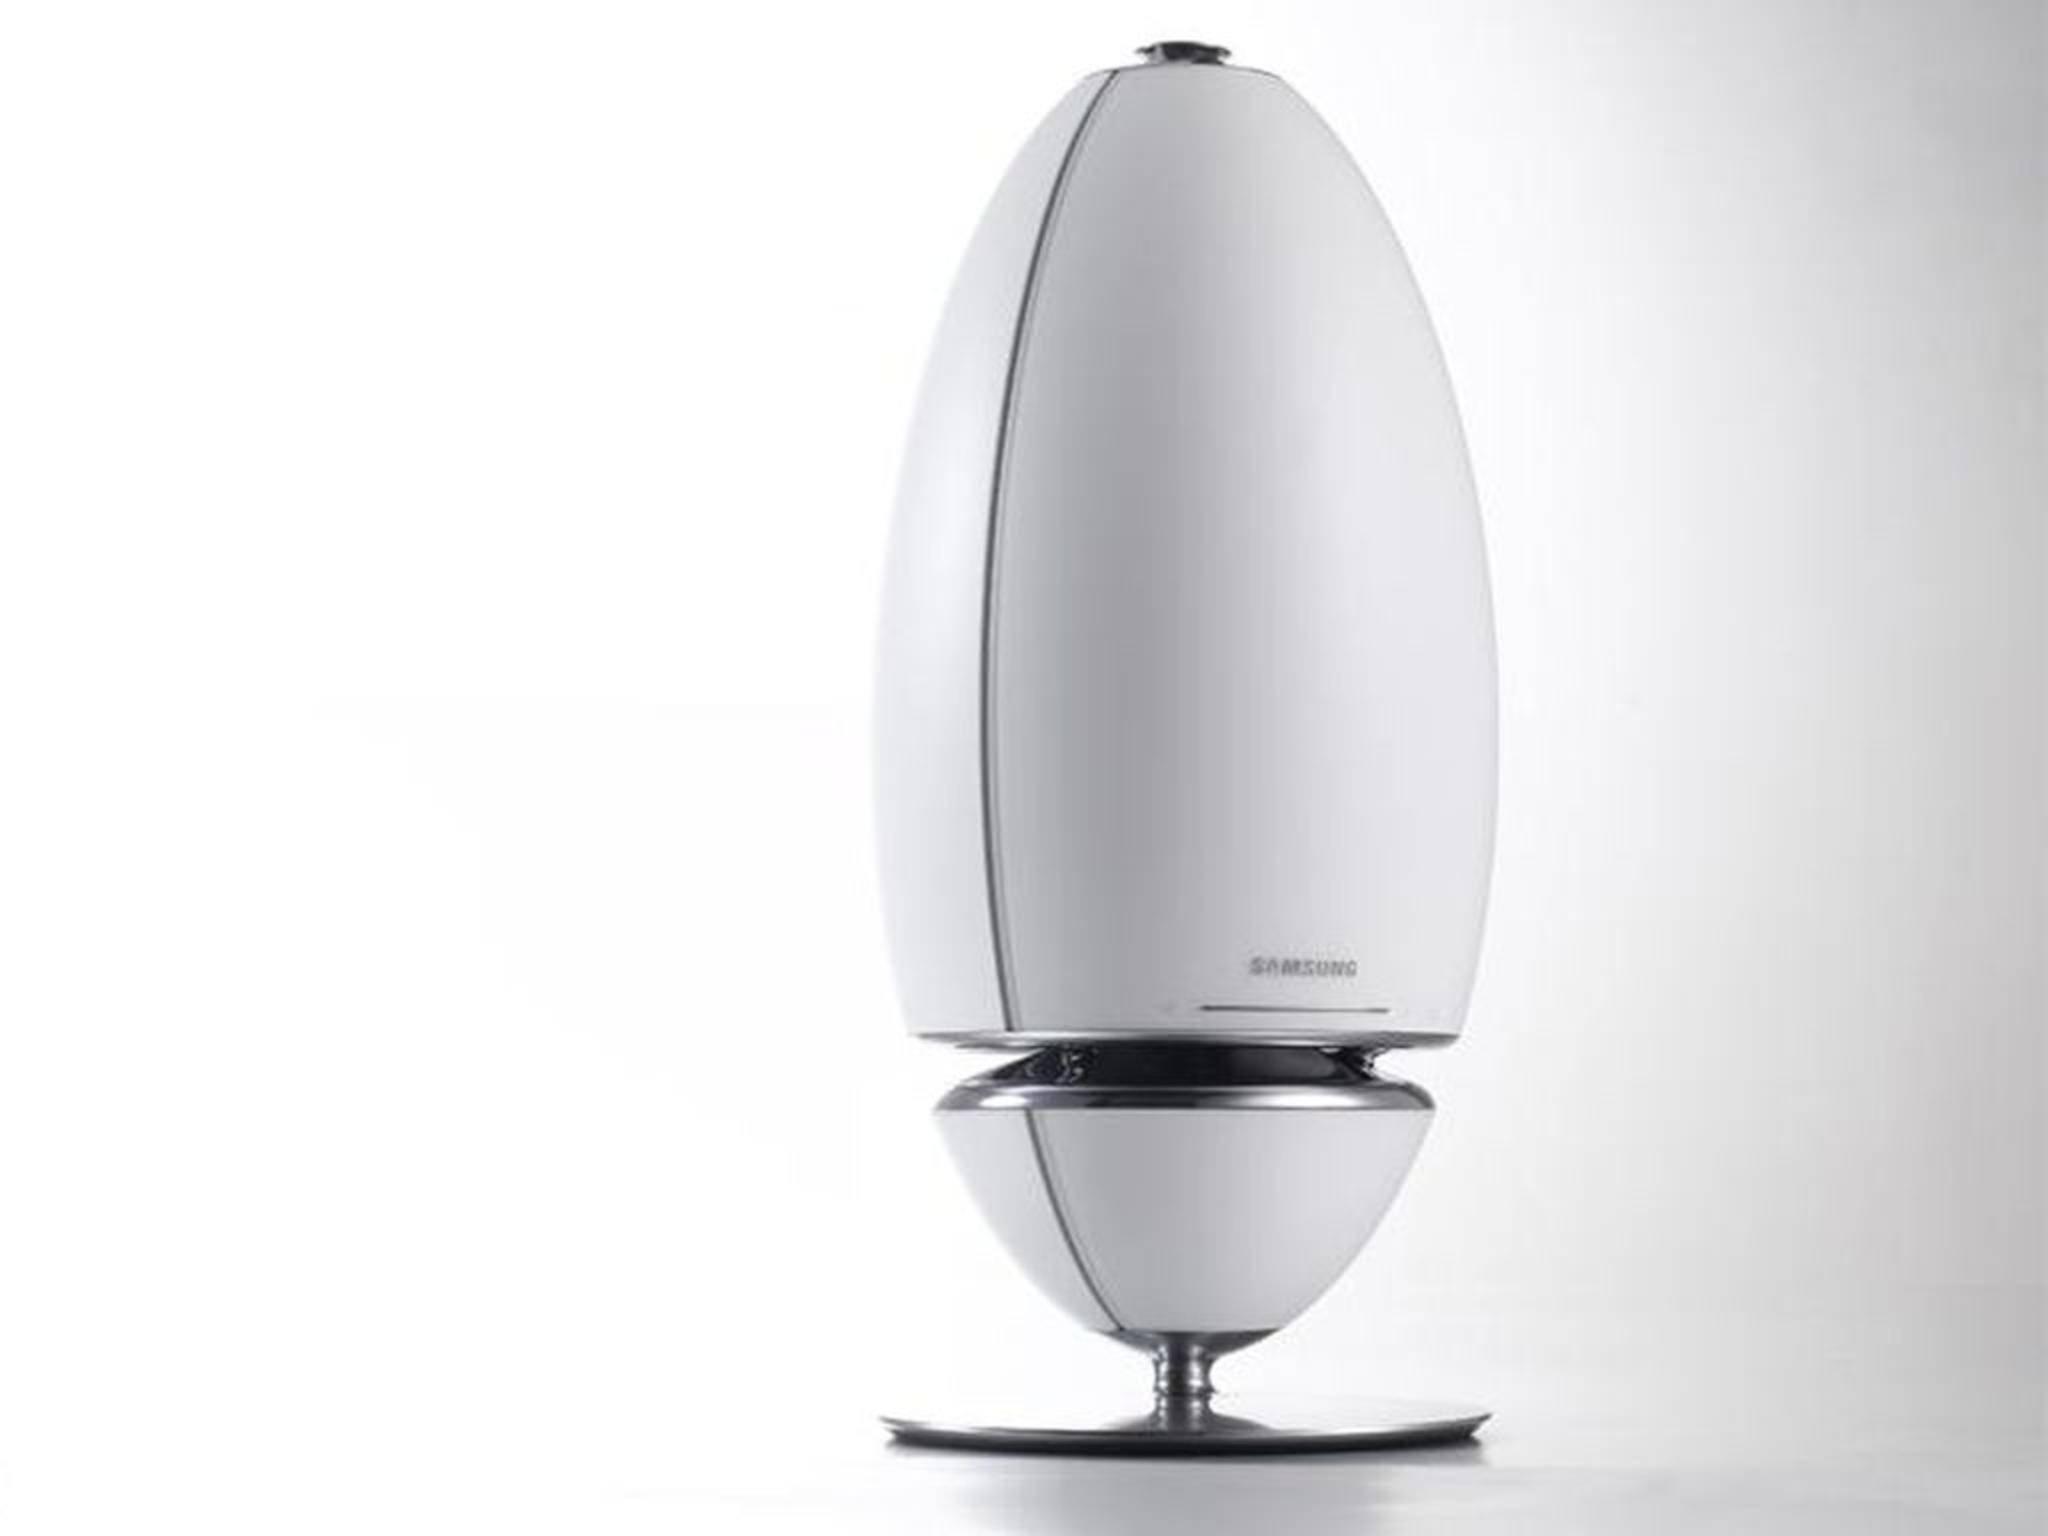 Schlicht und weiß wie ein Ei: Samsungs 360-Grad-Lautsprecher wirkt edel.